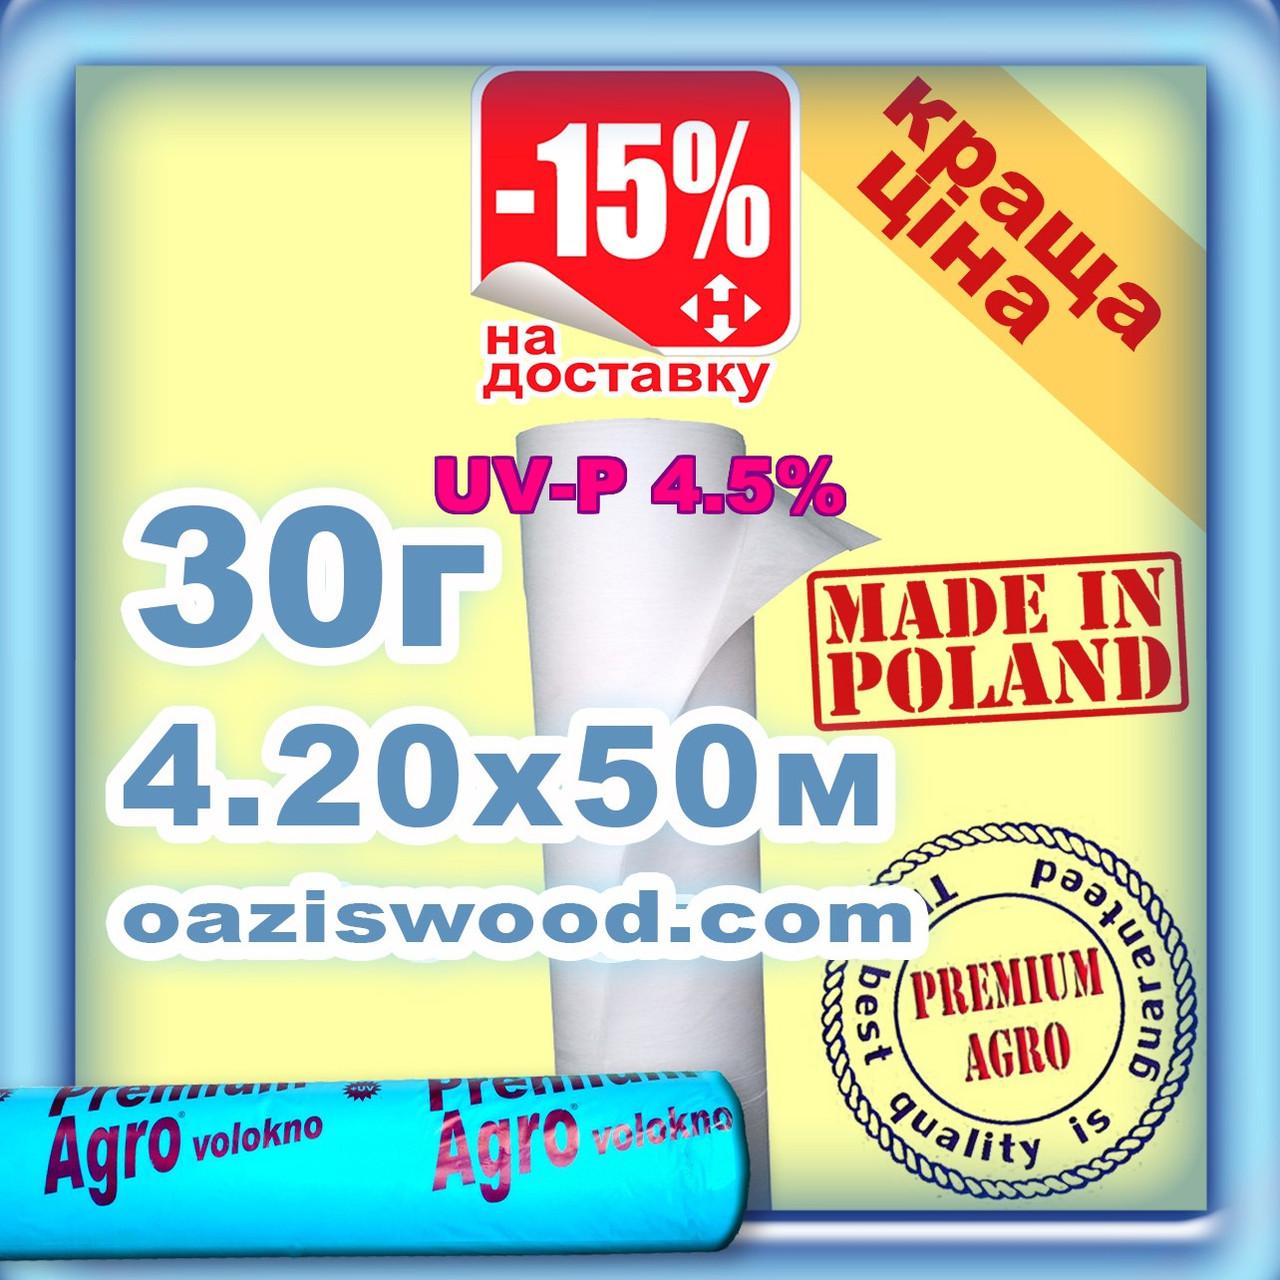 Агроволокно р-30g 4.2*50м белое UV-P 4.5% Premium-Agro Польша